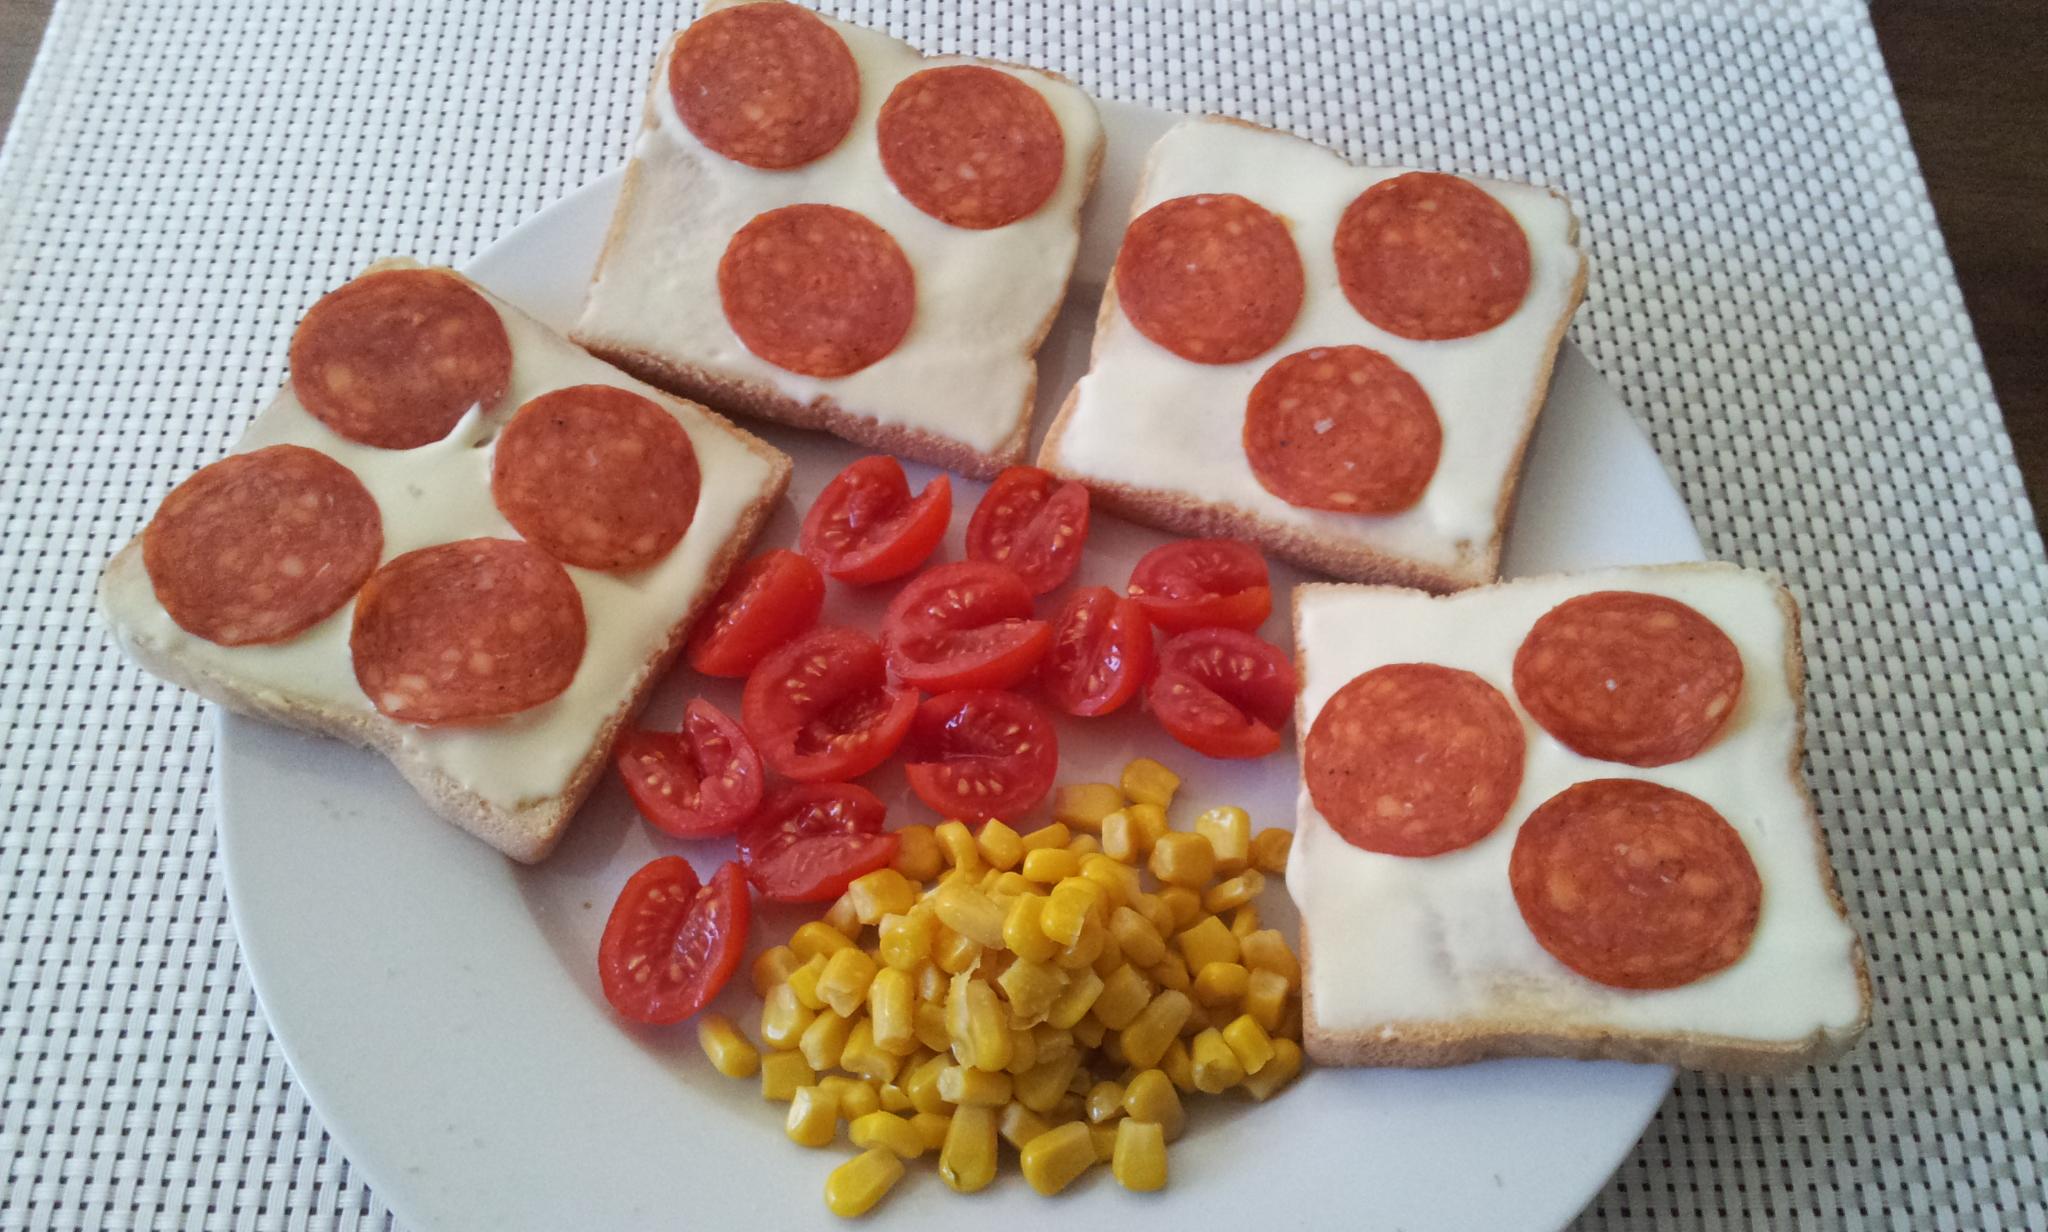 https://foodloader.net/Holz_2013-10-03_Fruehstueck.jpg